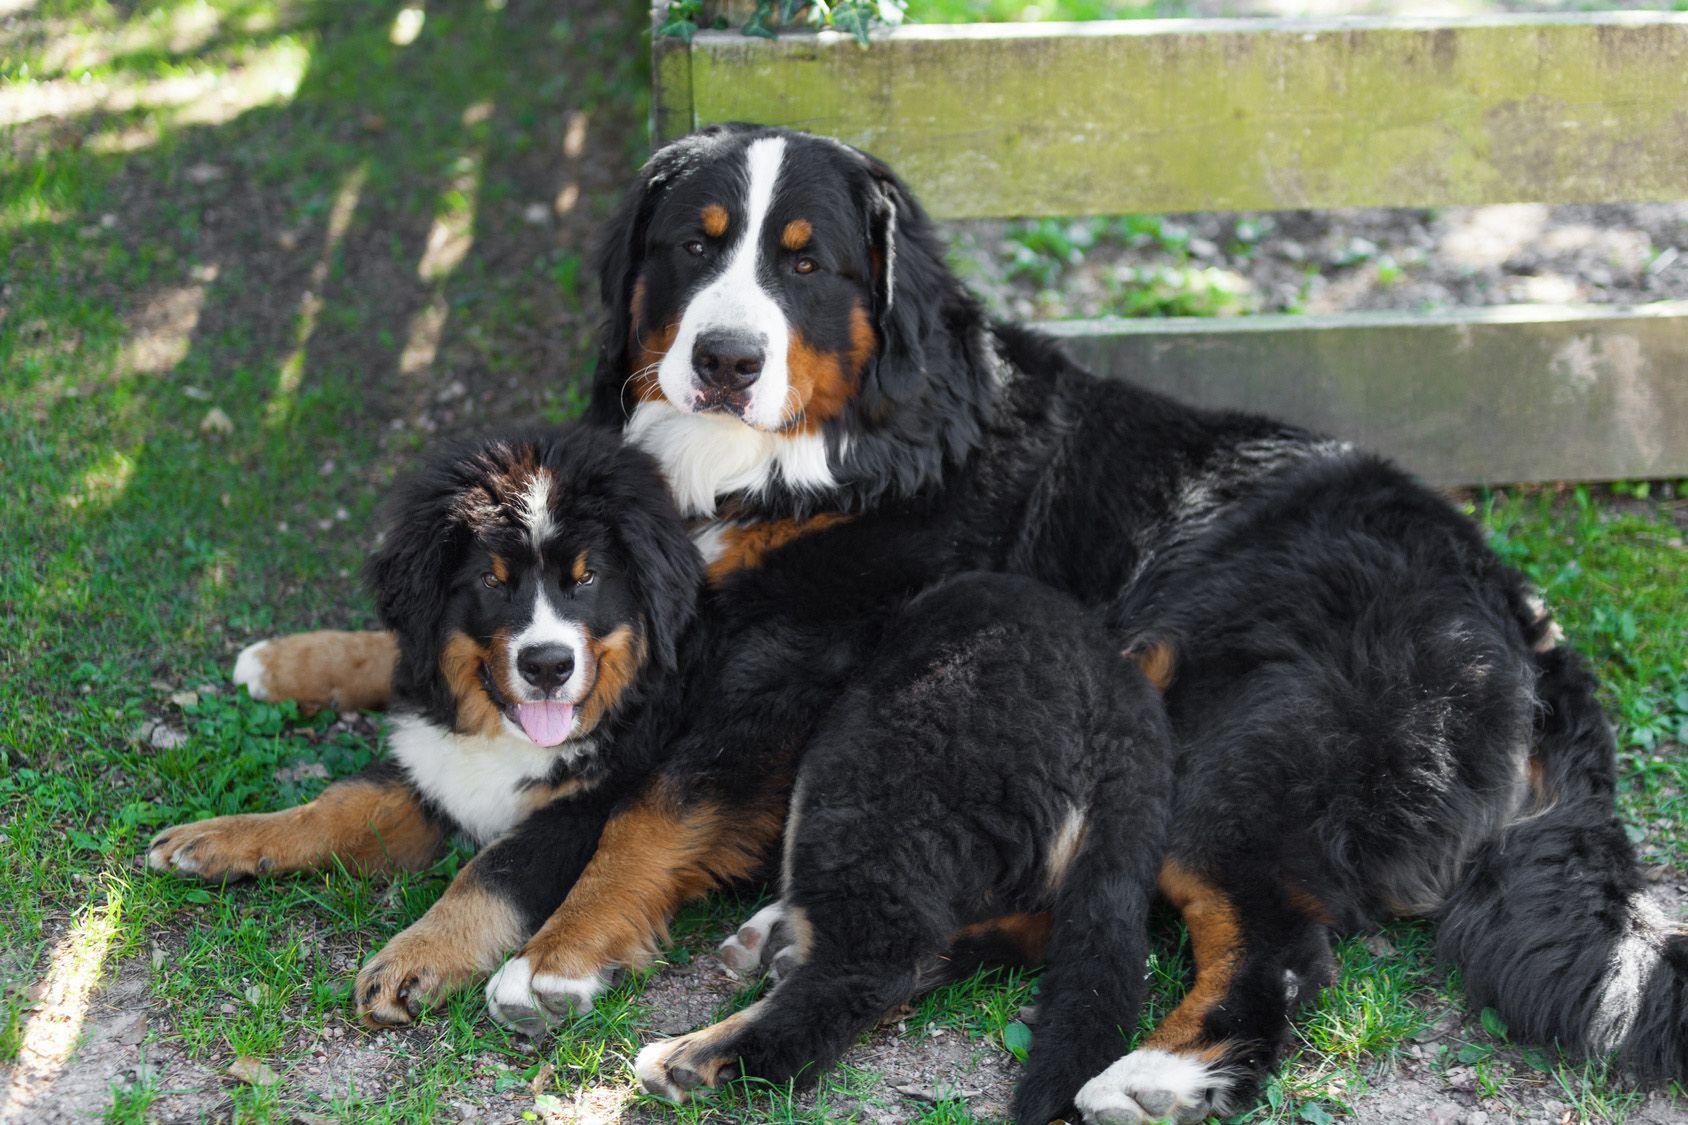 触れ合うのが大好き!バーニーズ・マウンテン・ドッグの特徴、飼い方のポイントとは?